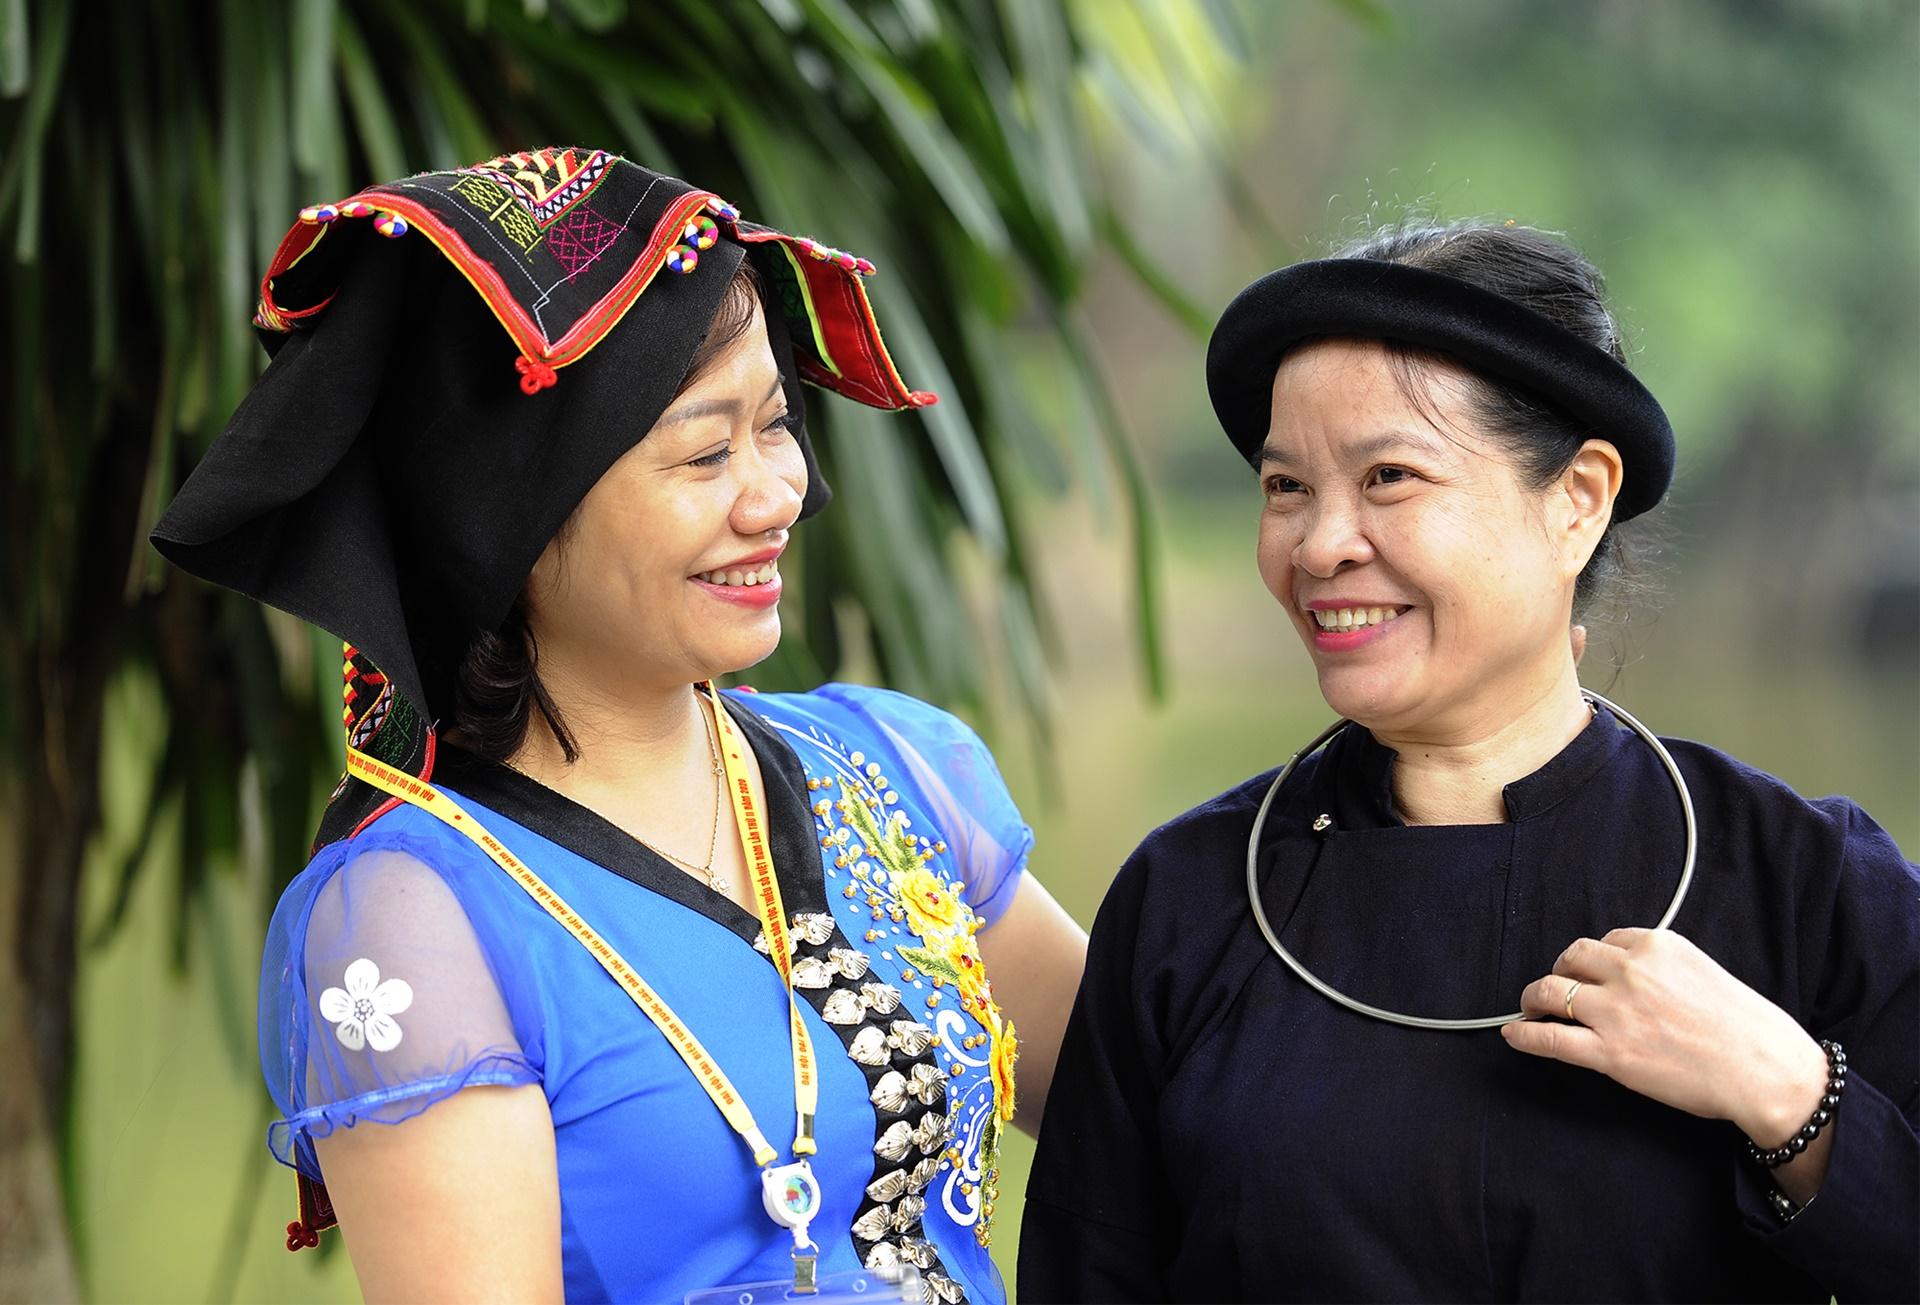 Hội tụ niềm tin về chính sách dân tộc tại Đại hội đại biểu toàn quốc các dân tộc thiểu số Việt Nam lần thứ II -1